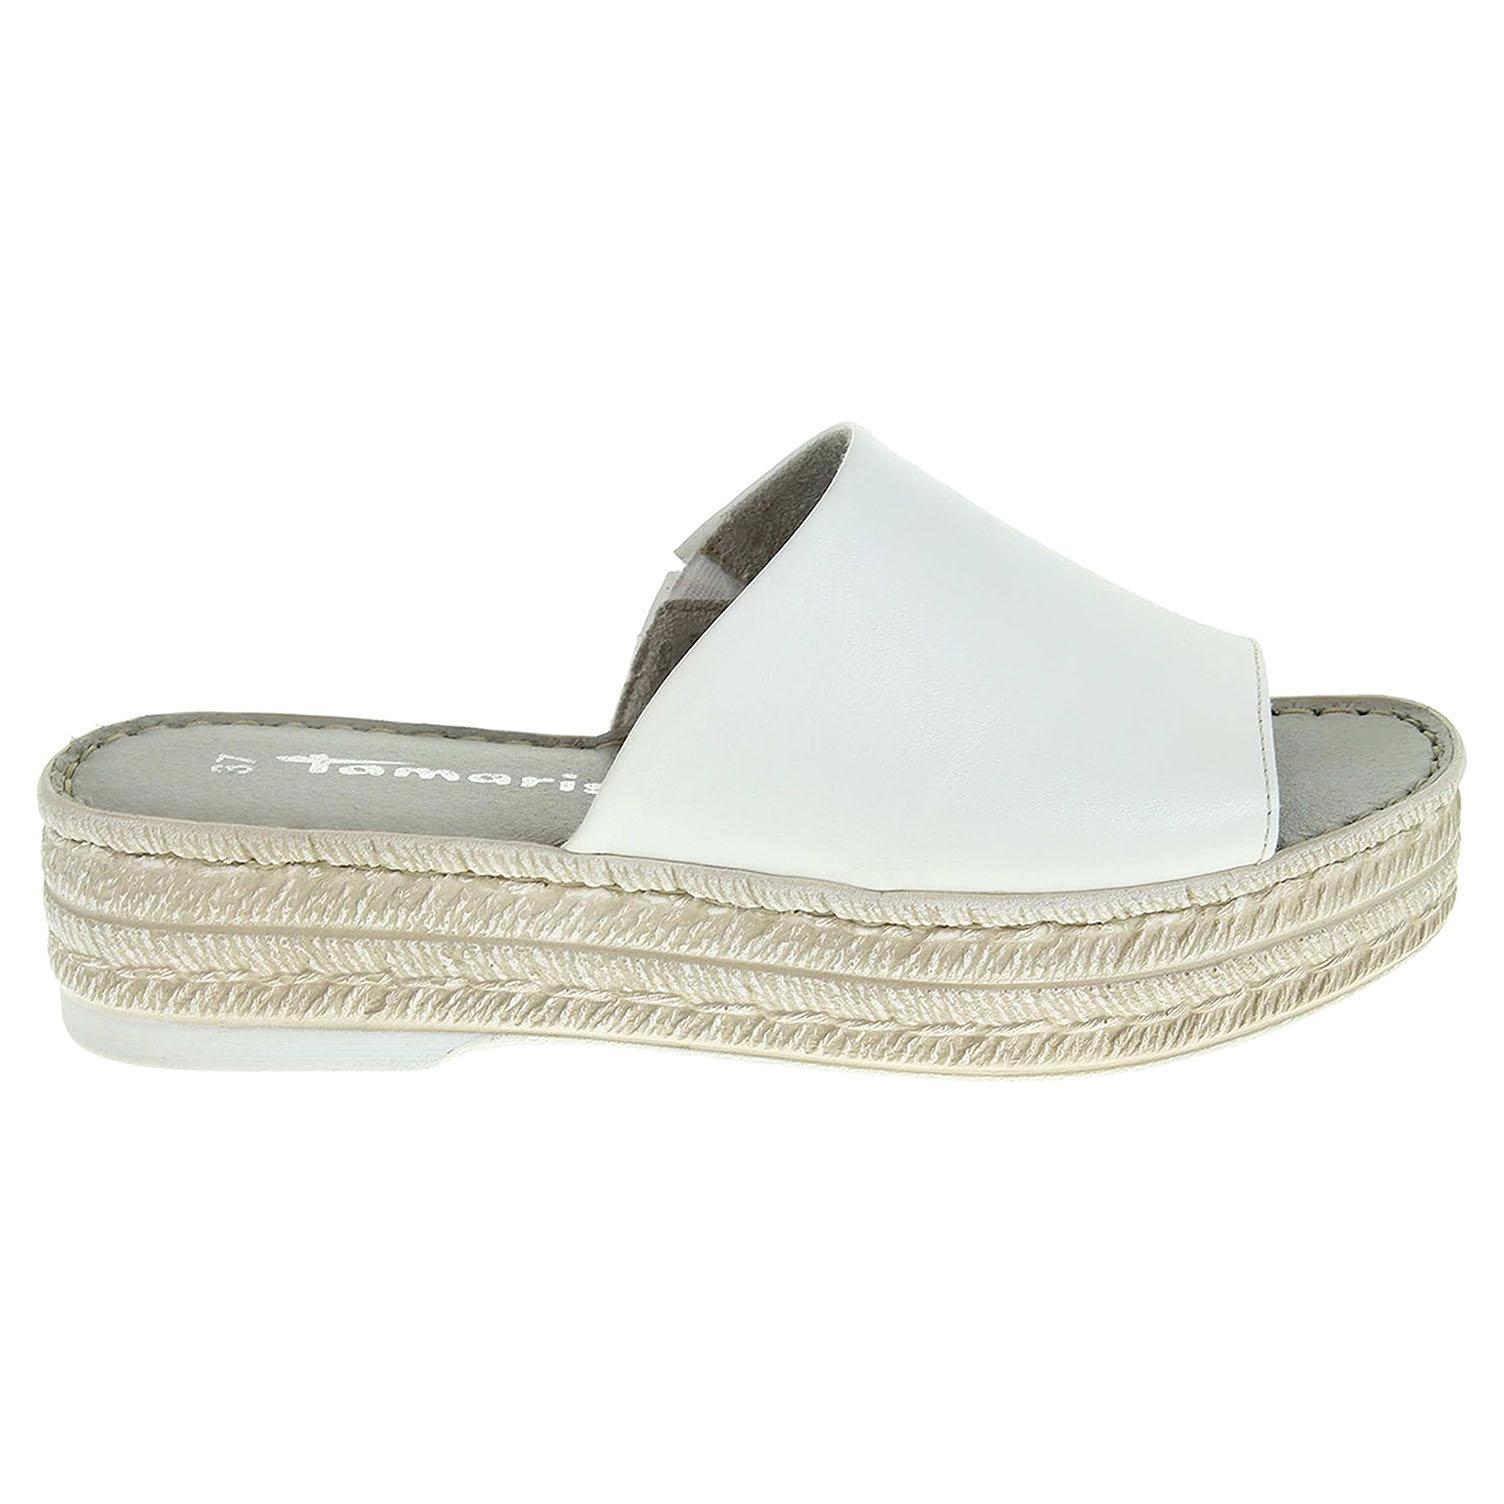 Ecco Tamaris dámské pantofle 1-27205-28 bílé 23600786